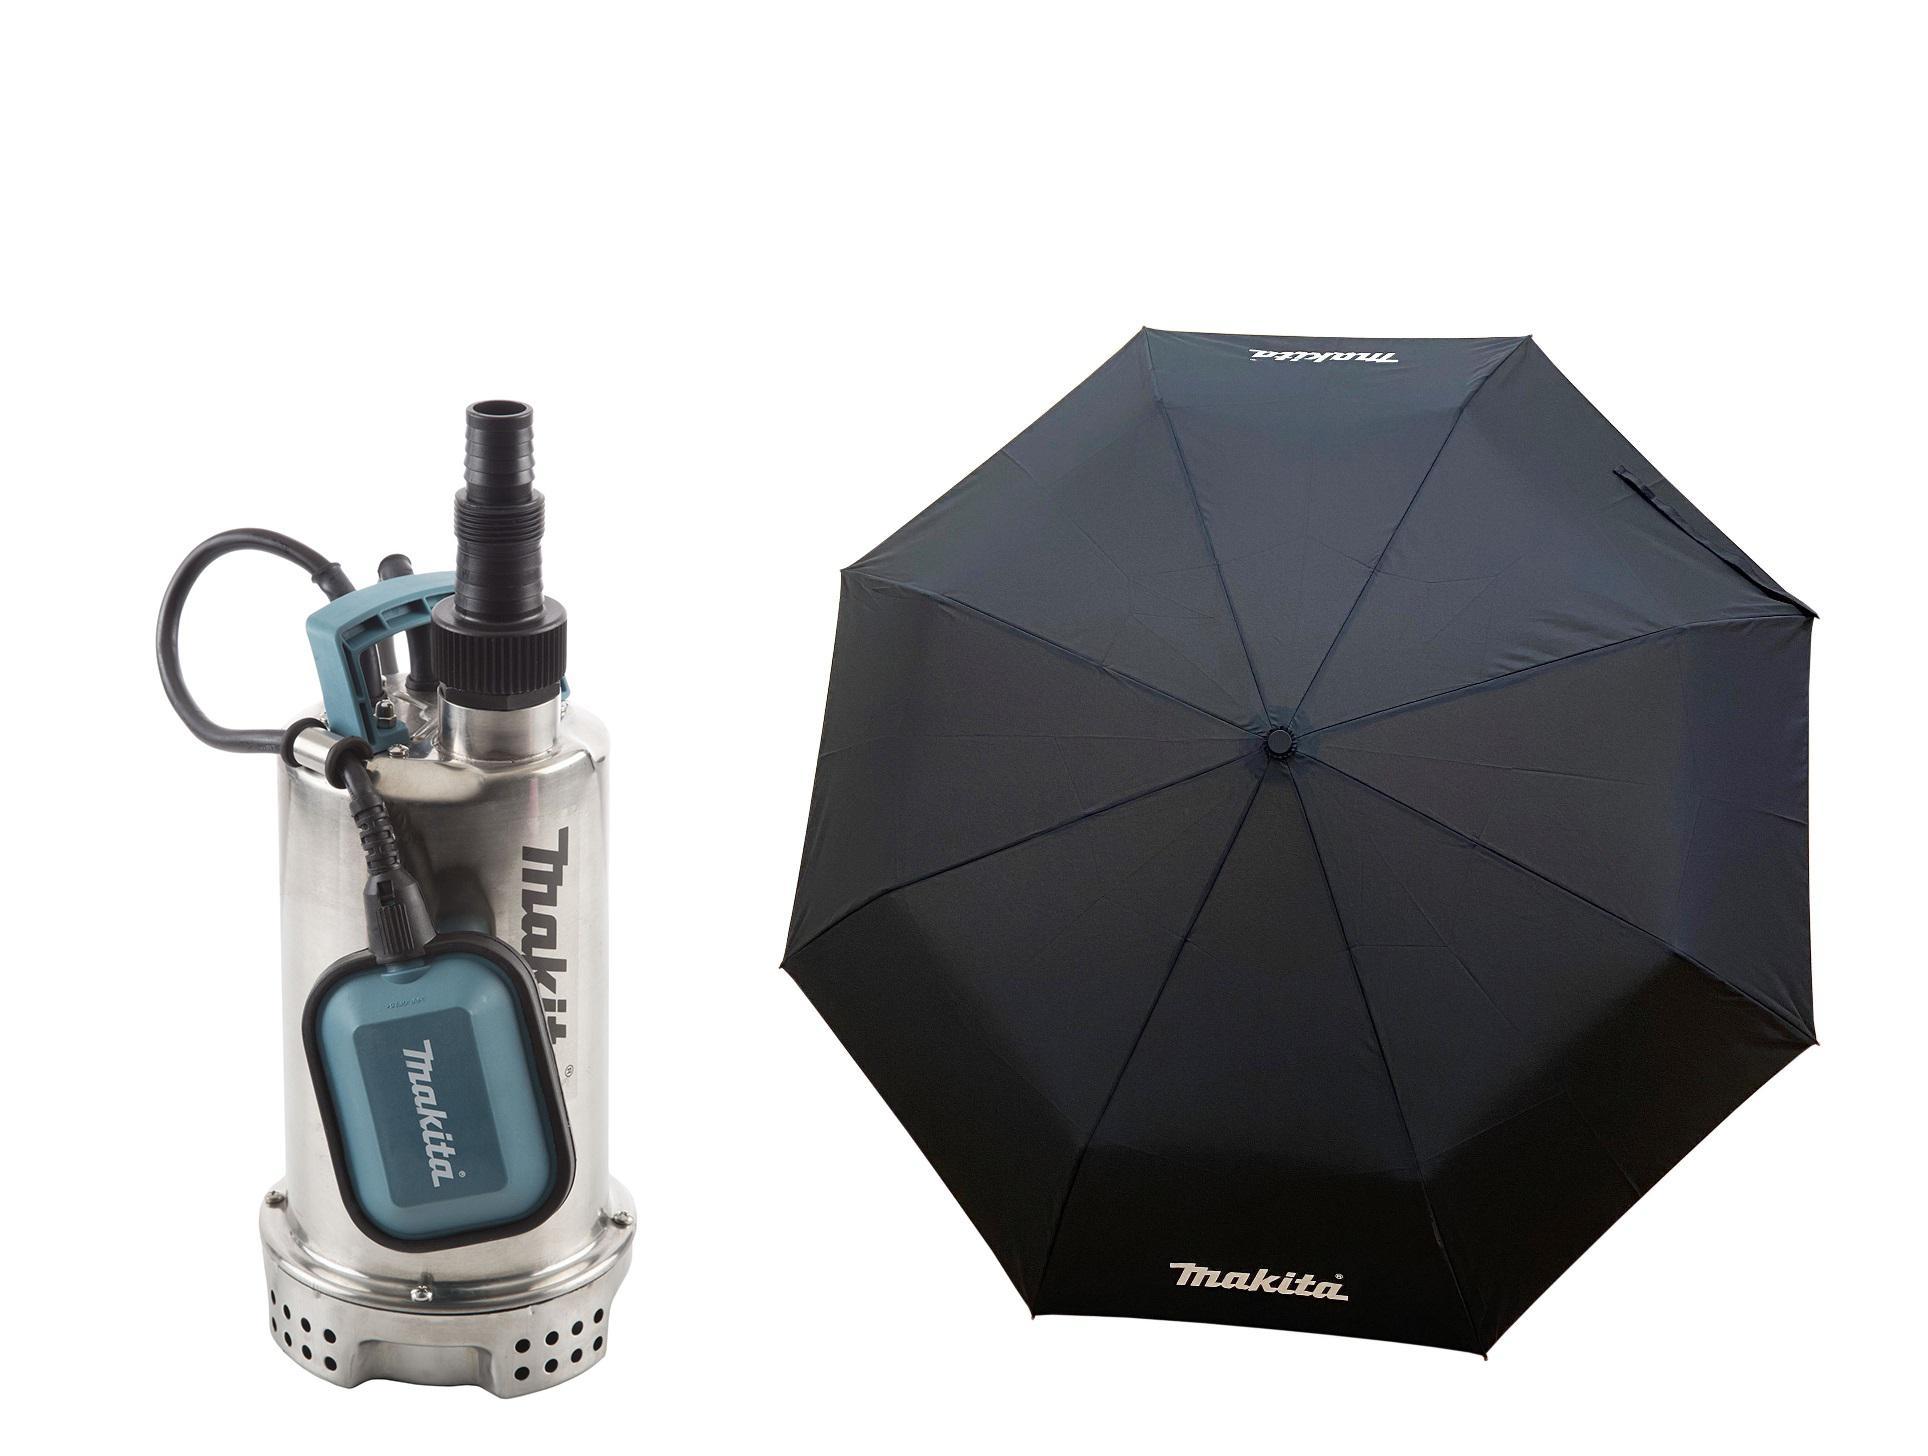 Набор Makita Дренажный насос pf1100 +Зонт складной pgh-180150